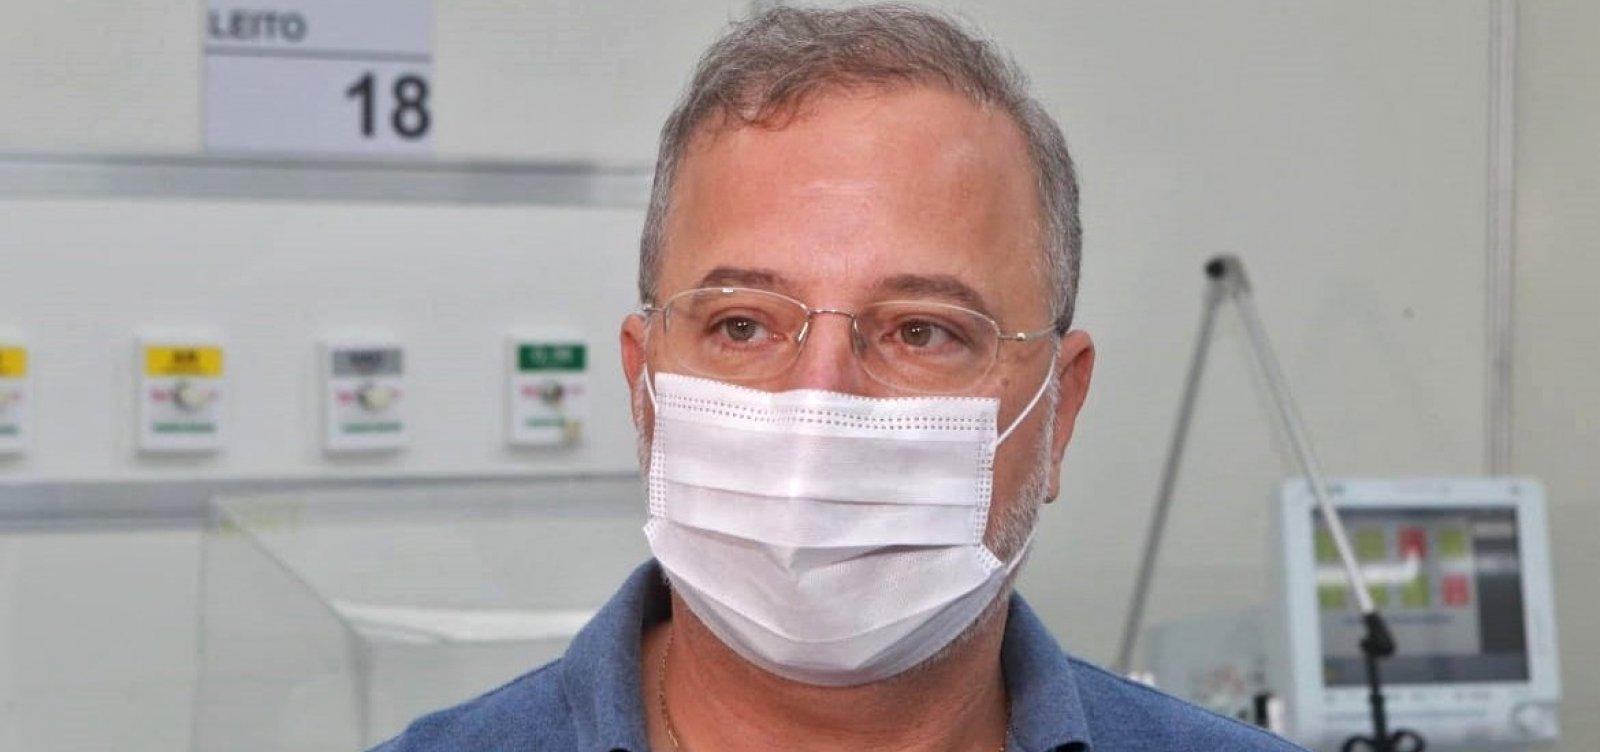 Após recusa de venda da vacina, secretário de Saúde da Bahia critica falta de compromisso da Pfizer